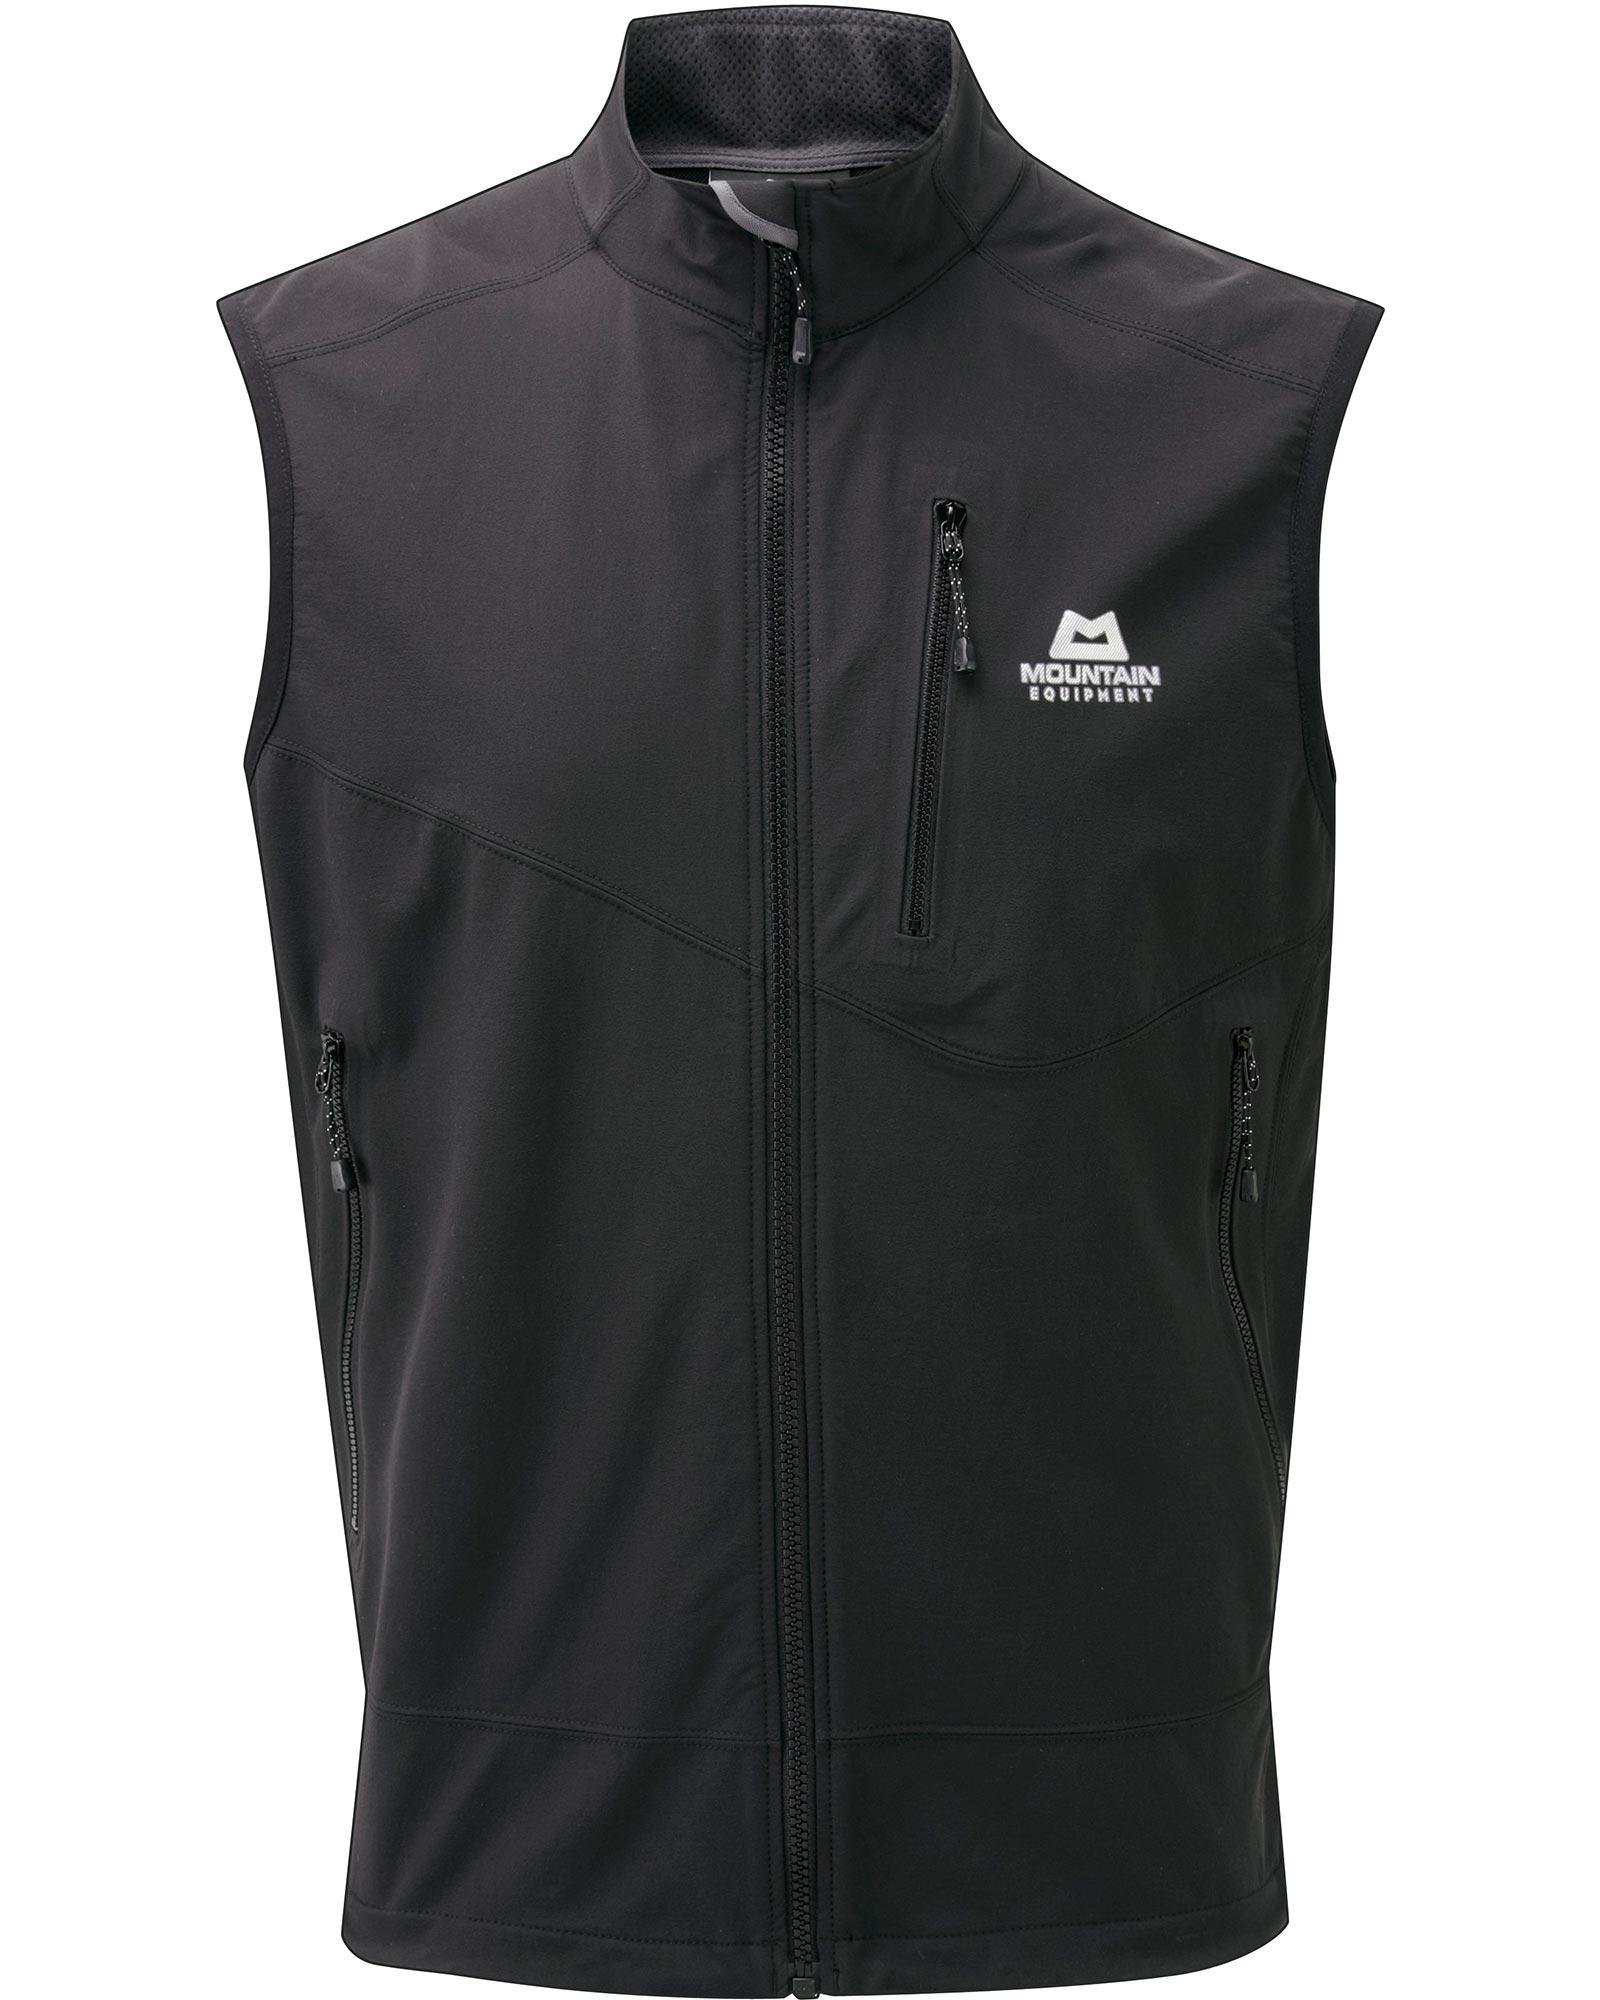 Mountain Equipment Men's Frontier Vest Black 0